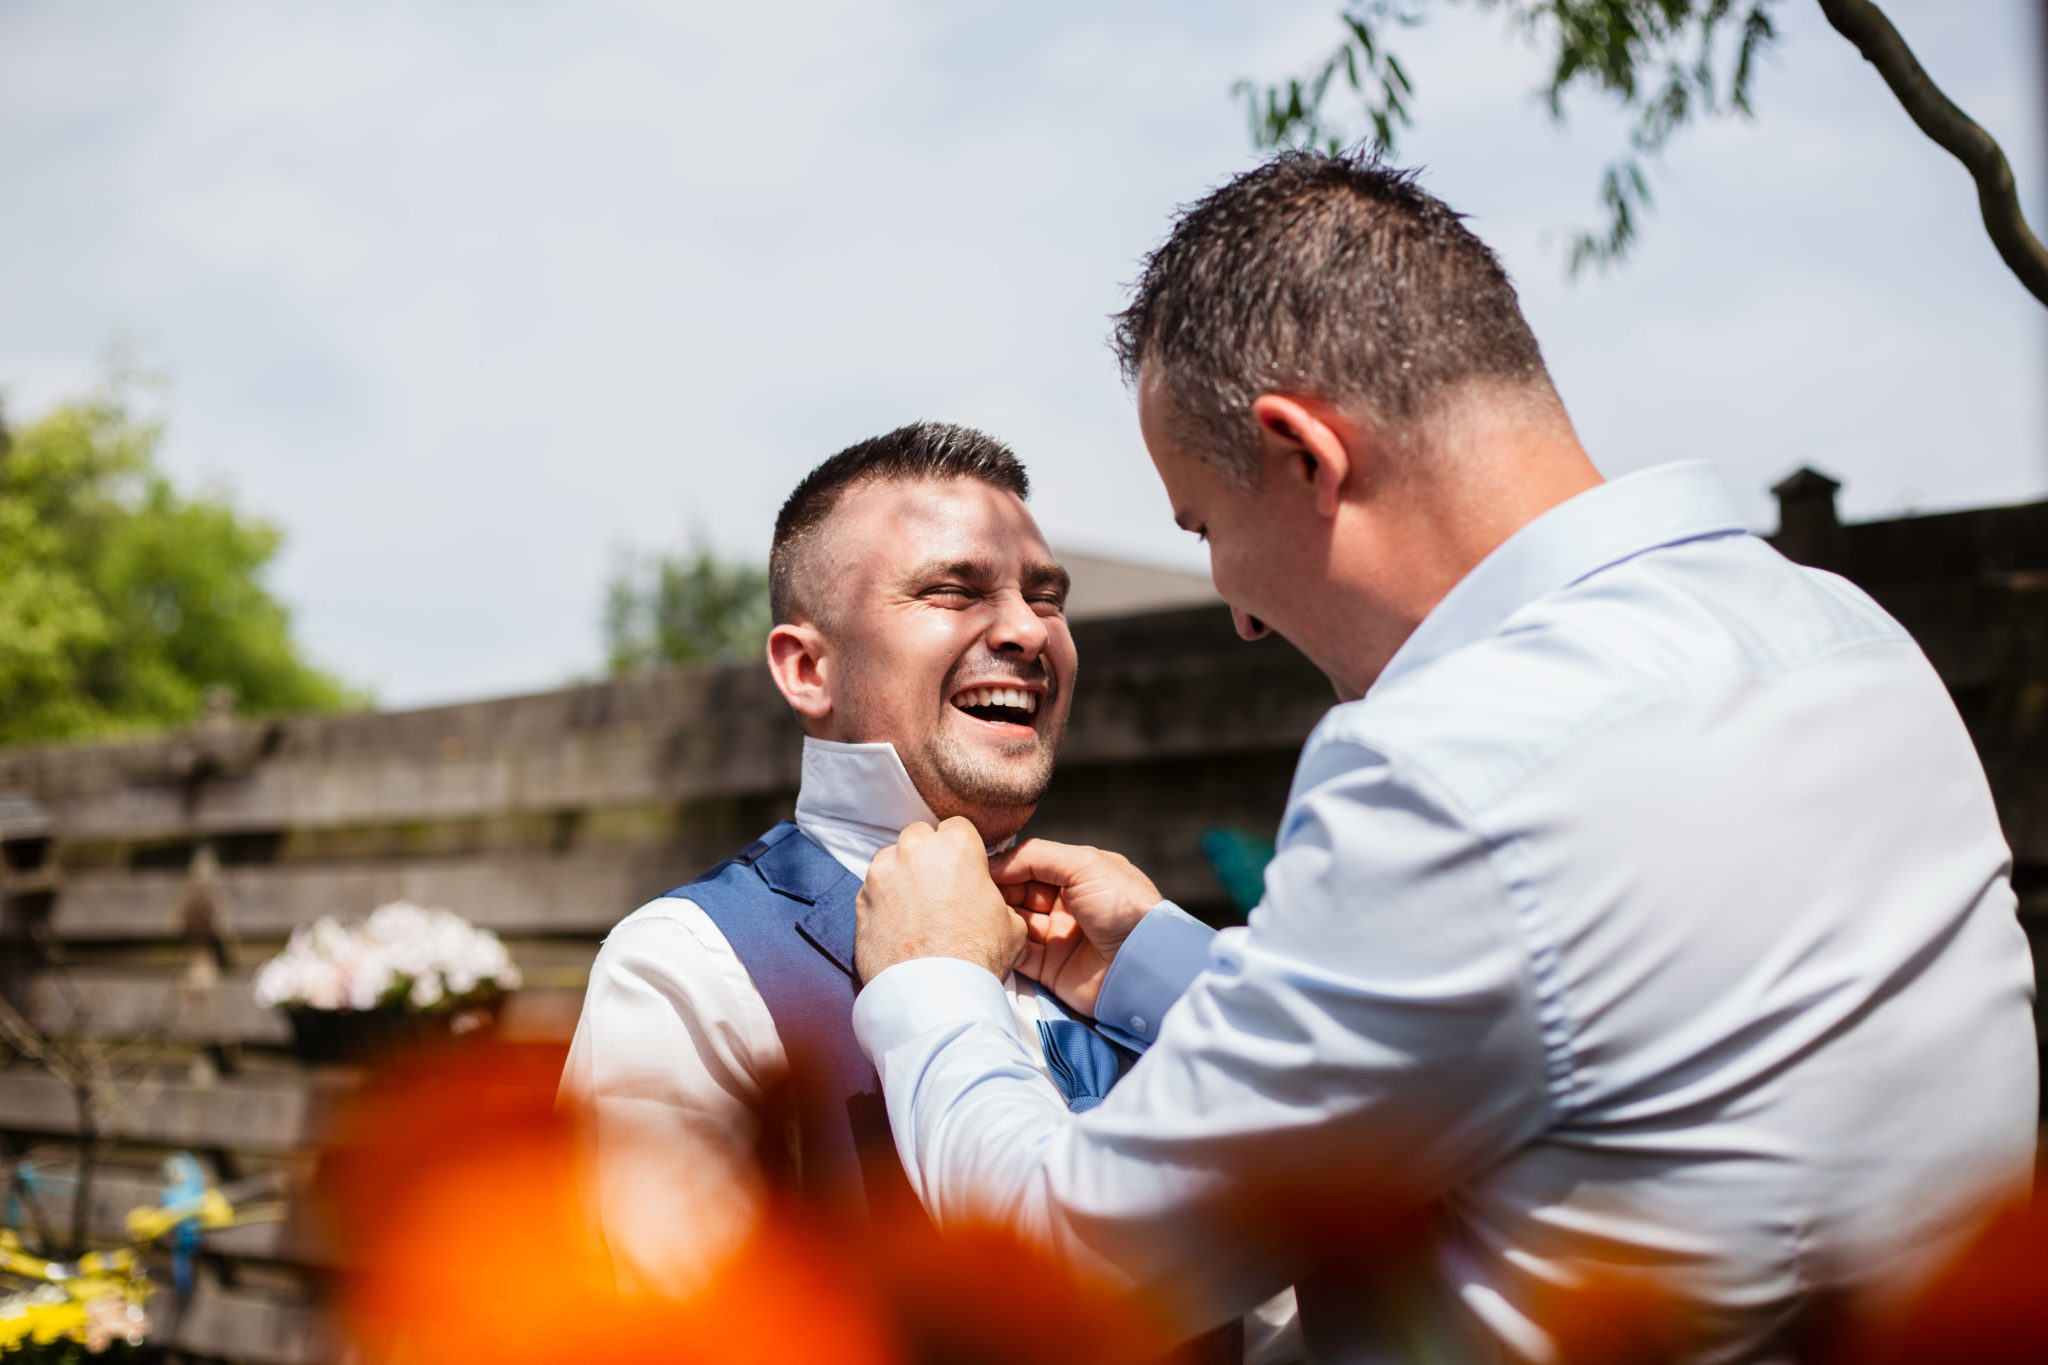 Bruidegom maakt zich klaar voor de bruiloft